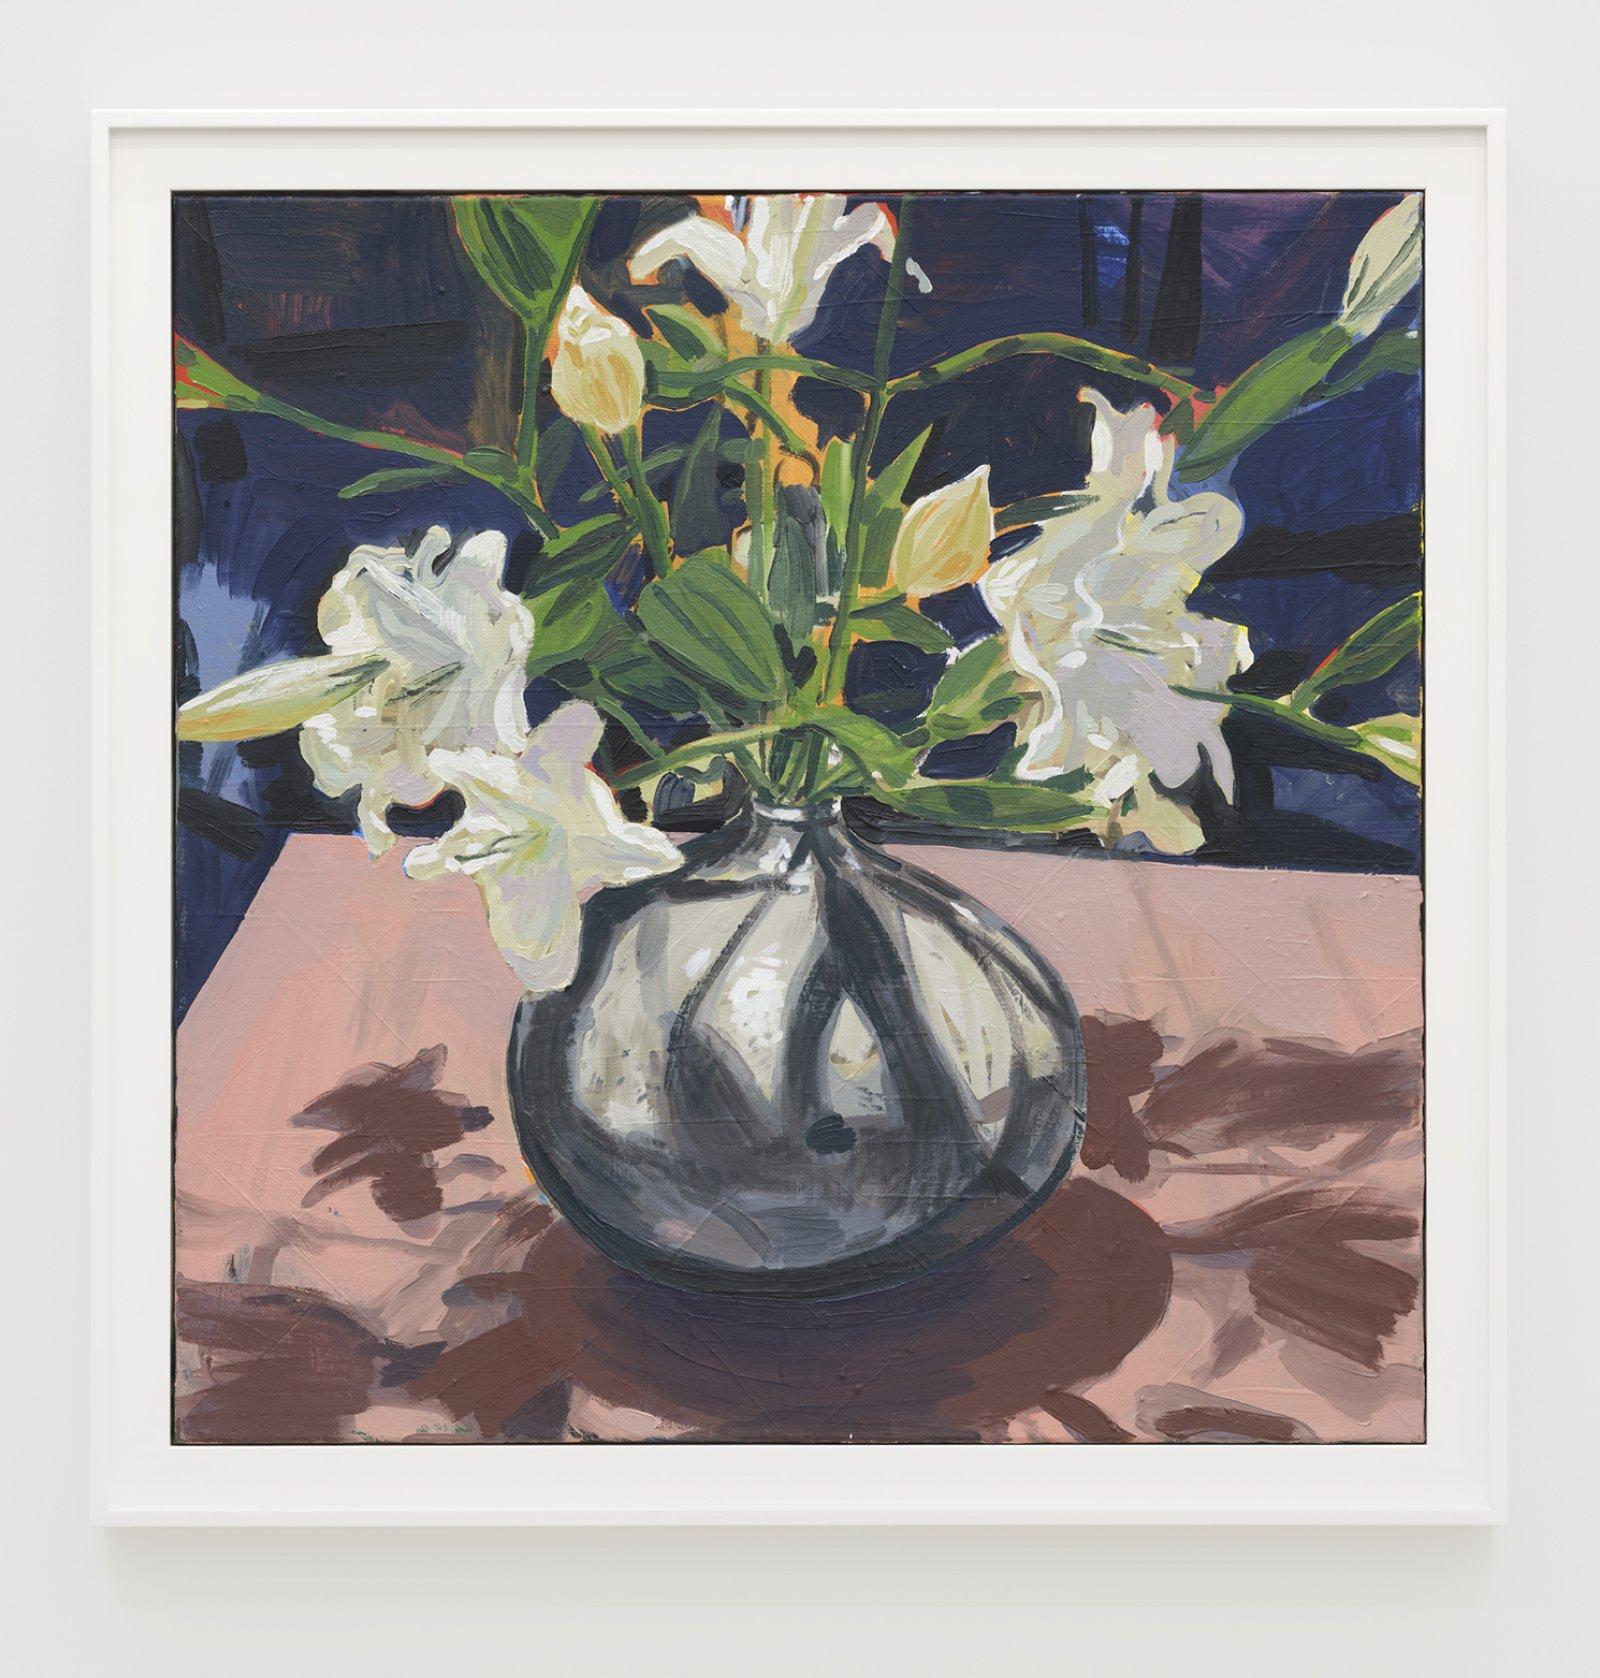 Damian Moppett, Lilies (Pink), 2020, oil on canvas, 34 x 34 in. (86 x 86 cm) by Damian Moppett